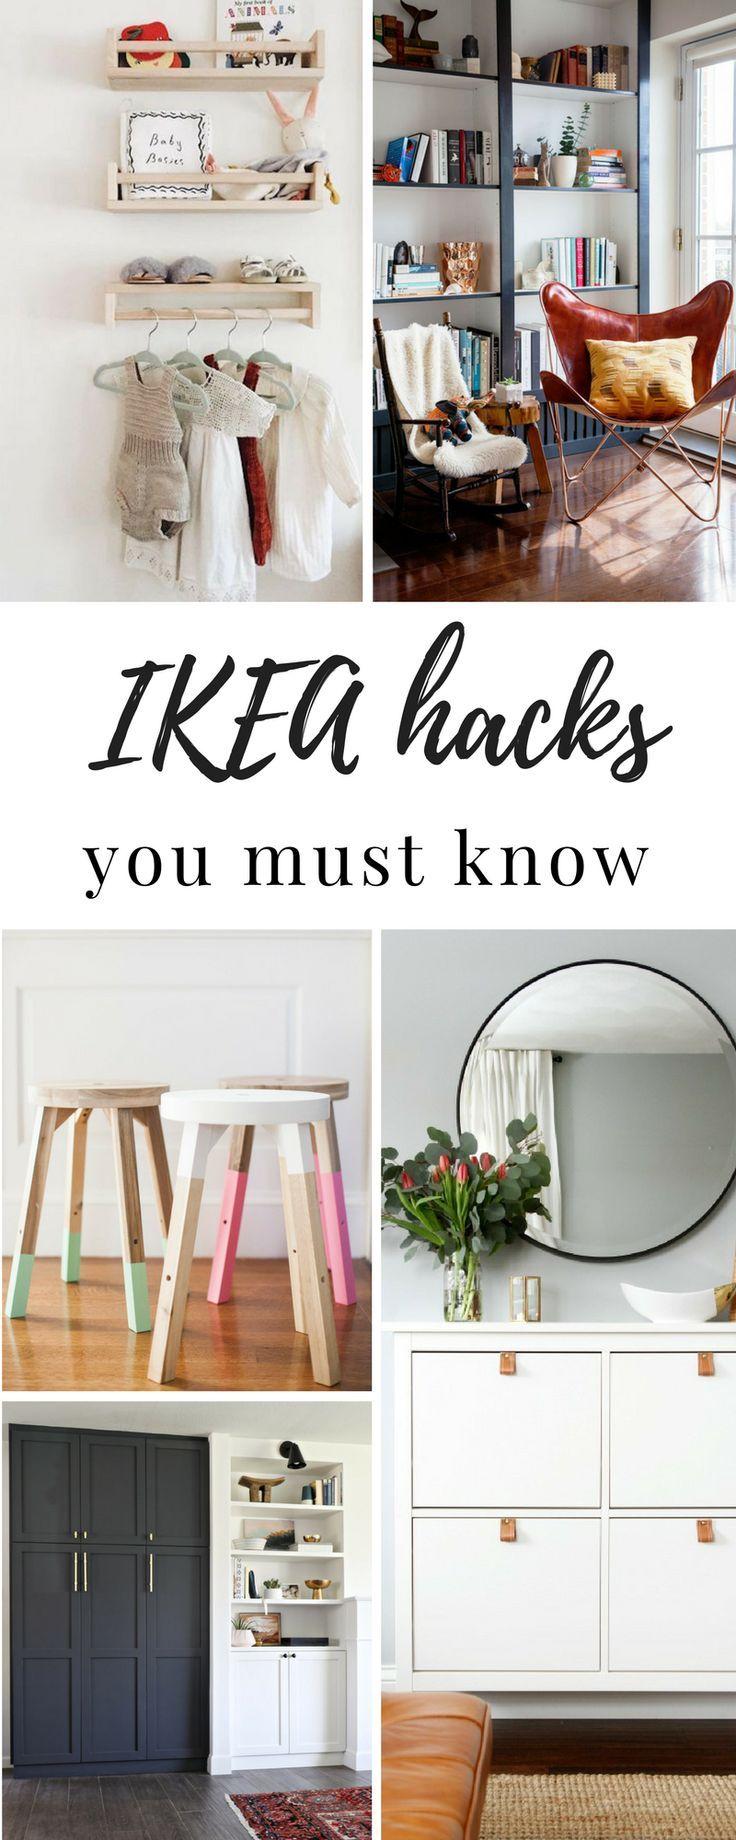 7 Erstaunliche IKEA-Hacks, die Sie kennen müssen